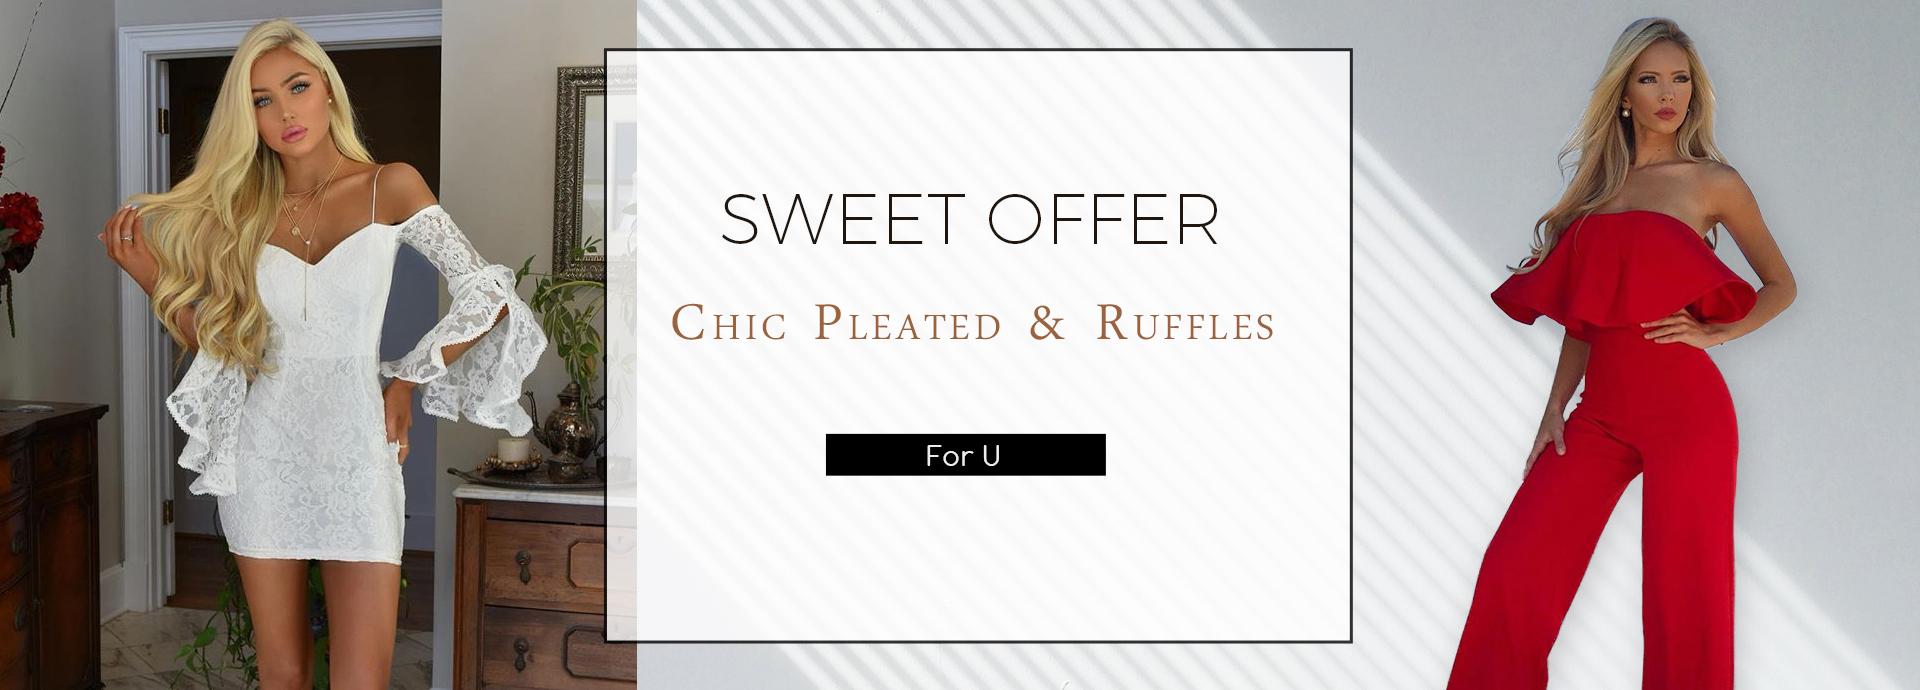 Sweet Offer